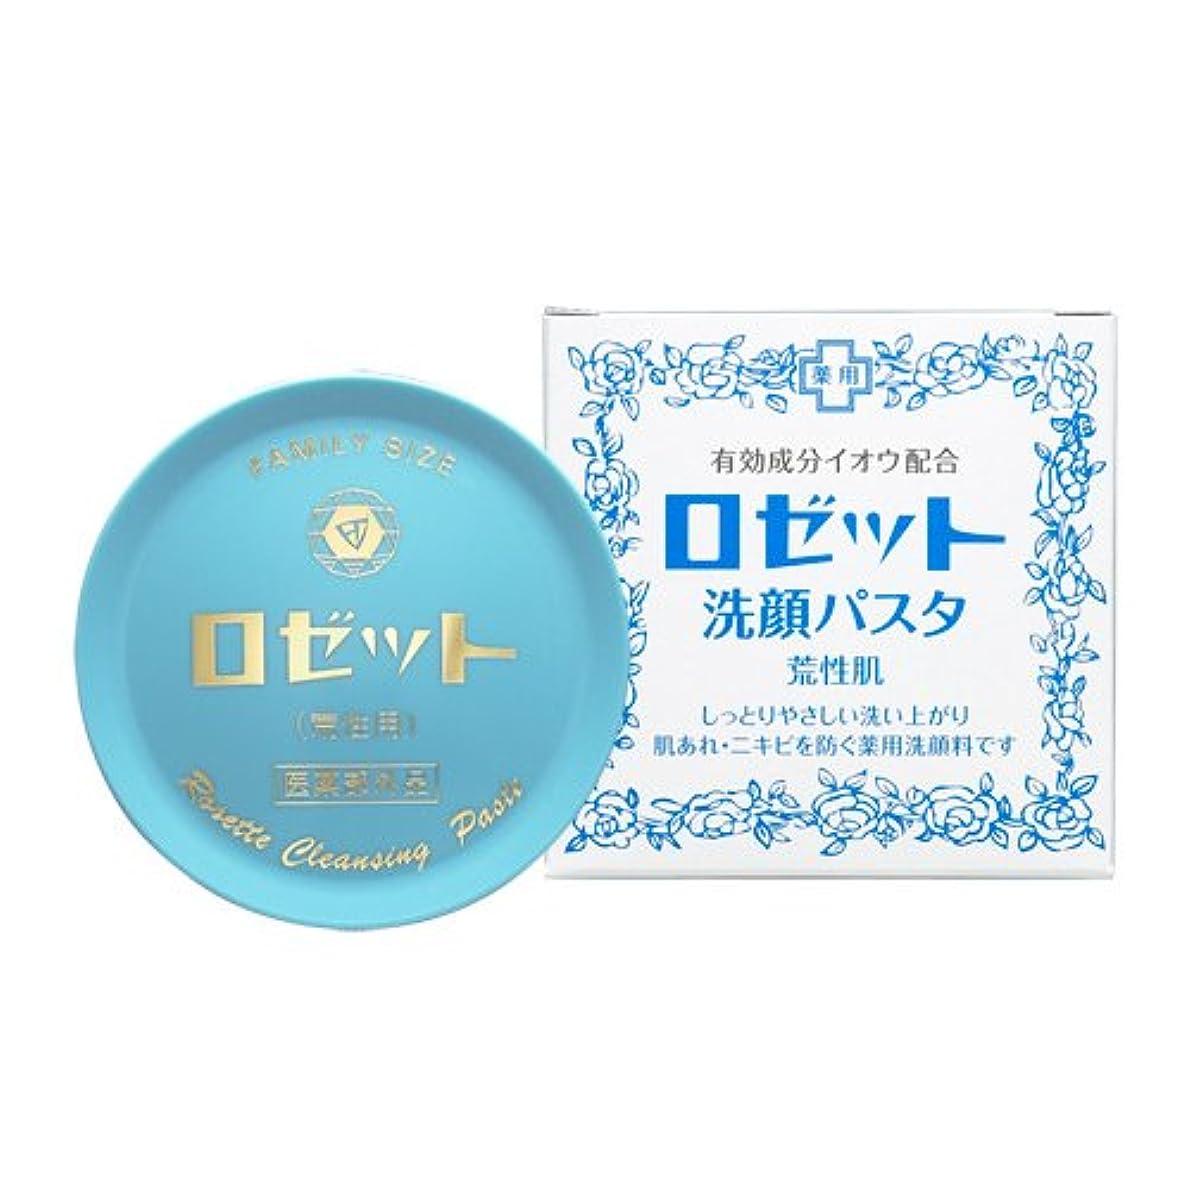 製品トラフ役に立つロゼット洗顔パスタ 荒性肌 90g (医薬部外品)